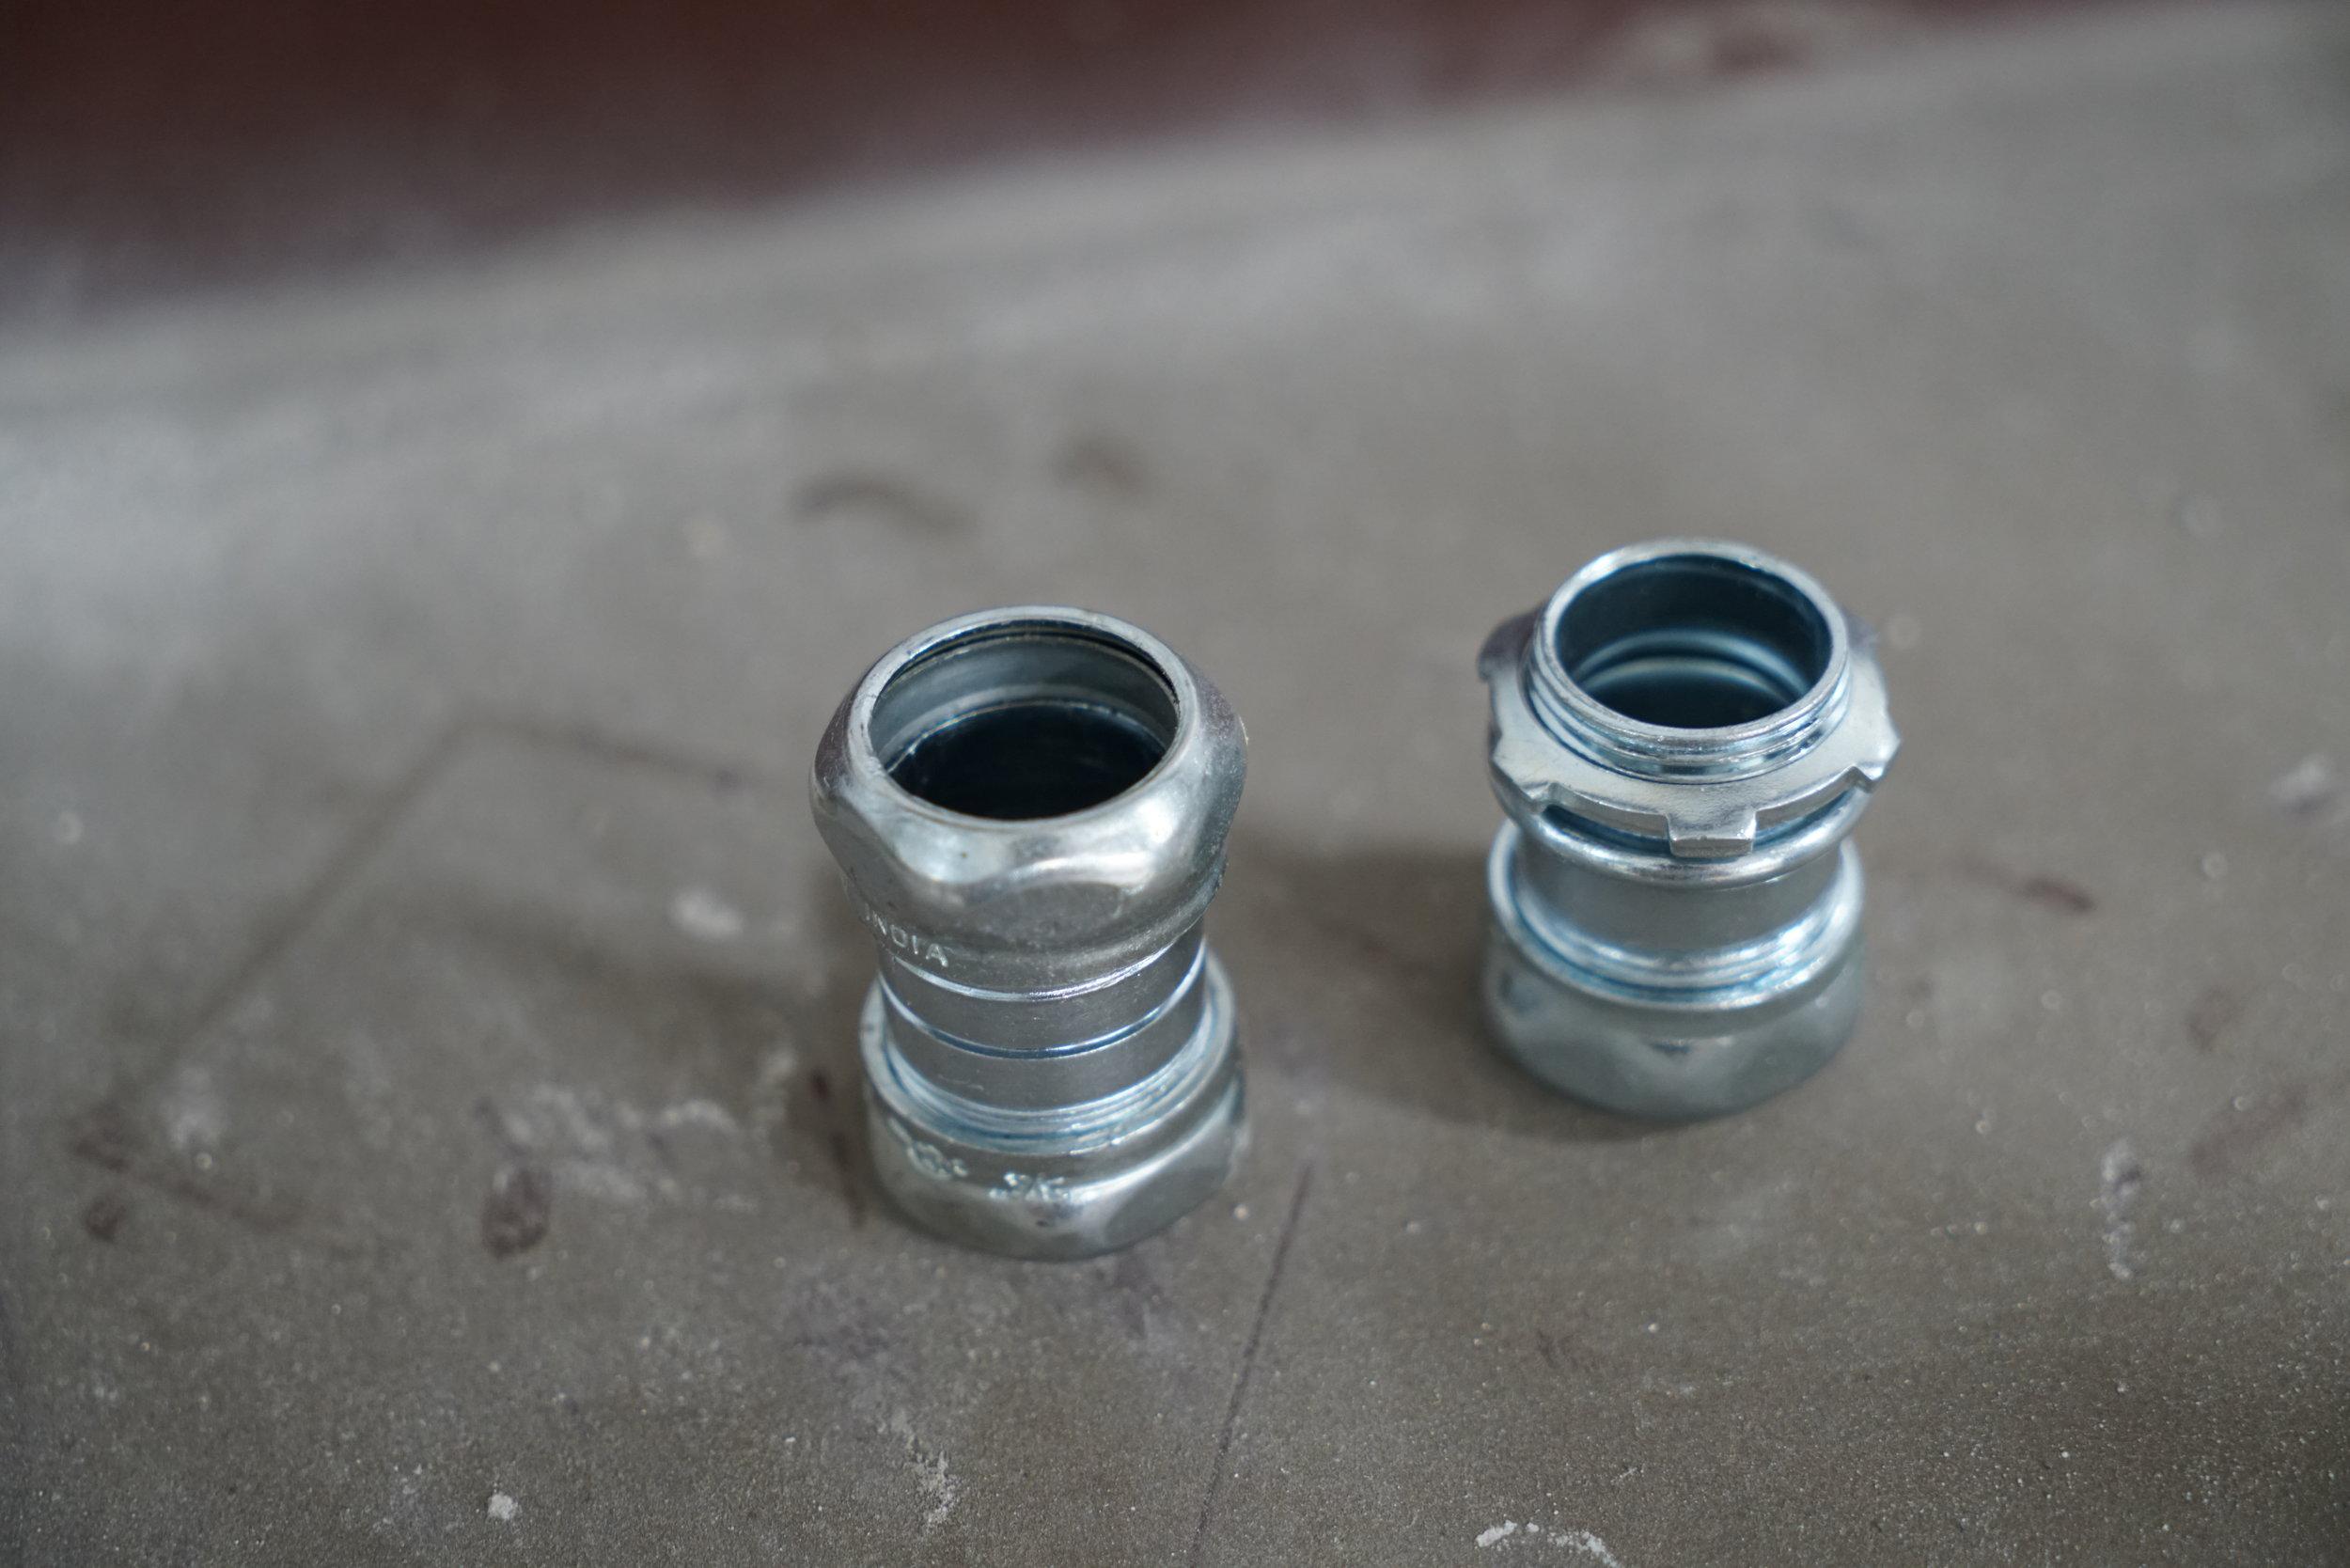 emt-compression-coupling-fitting